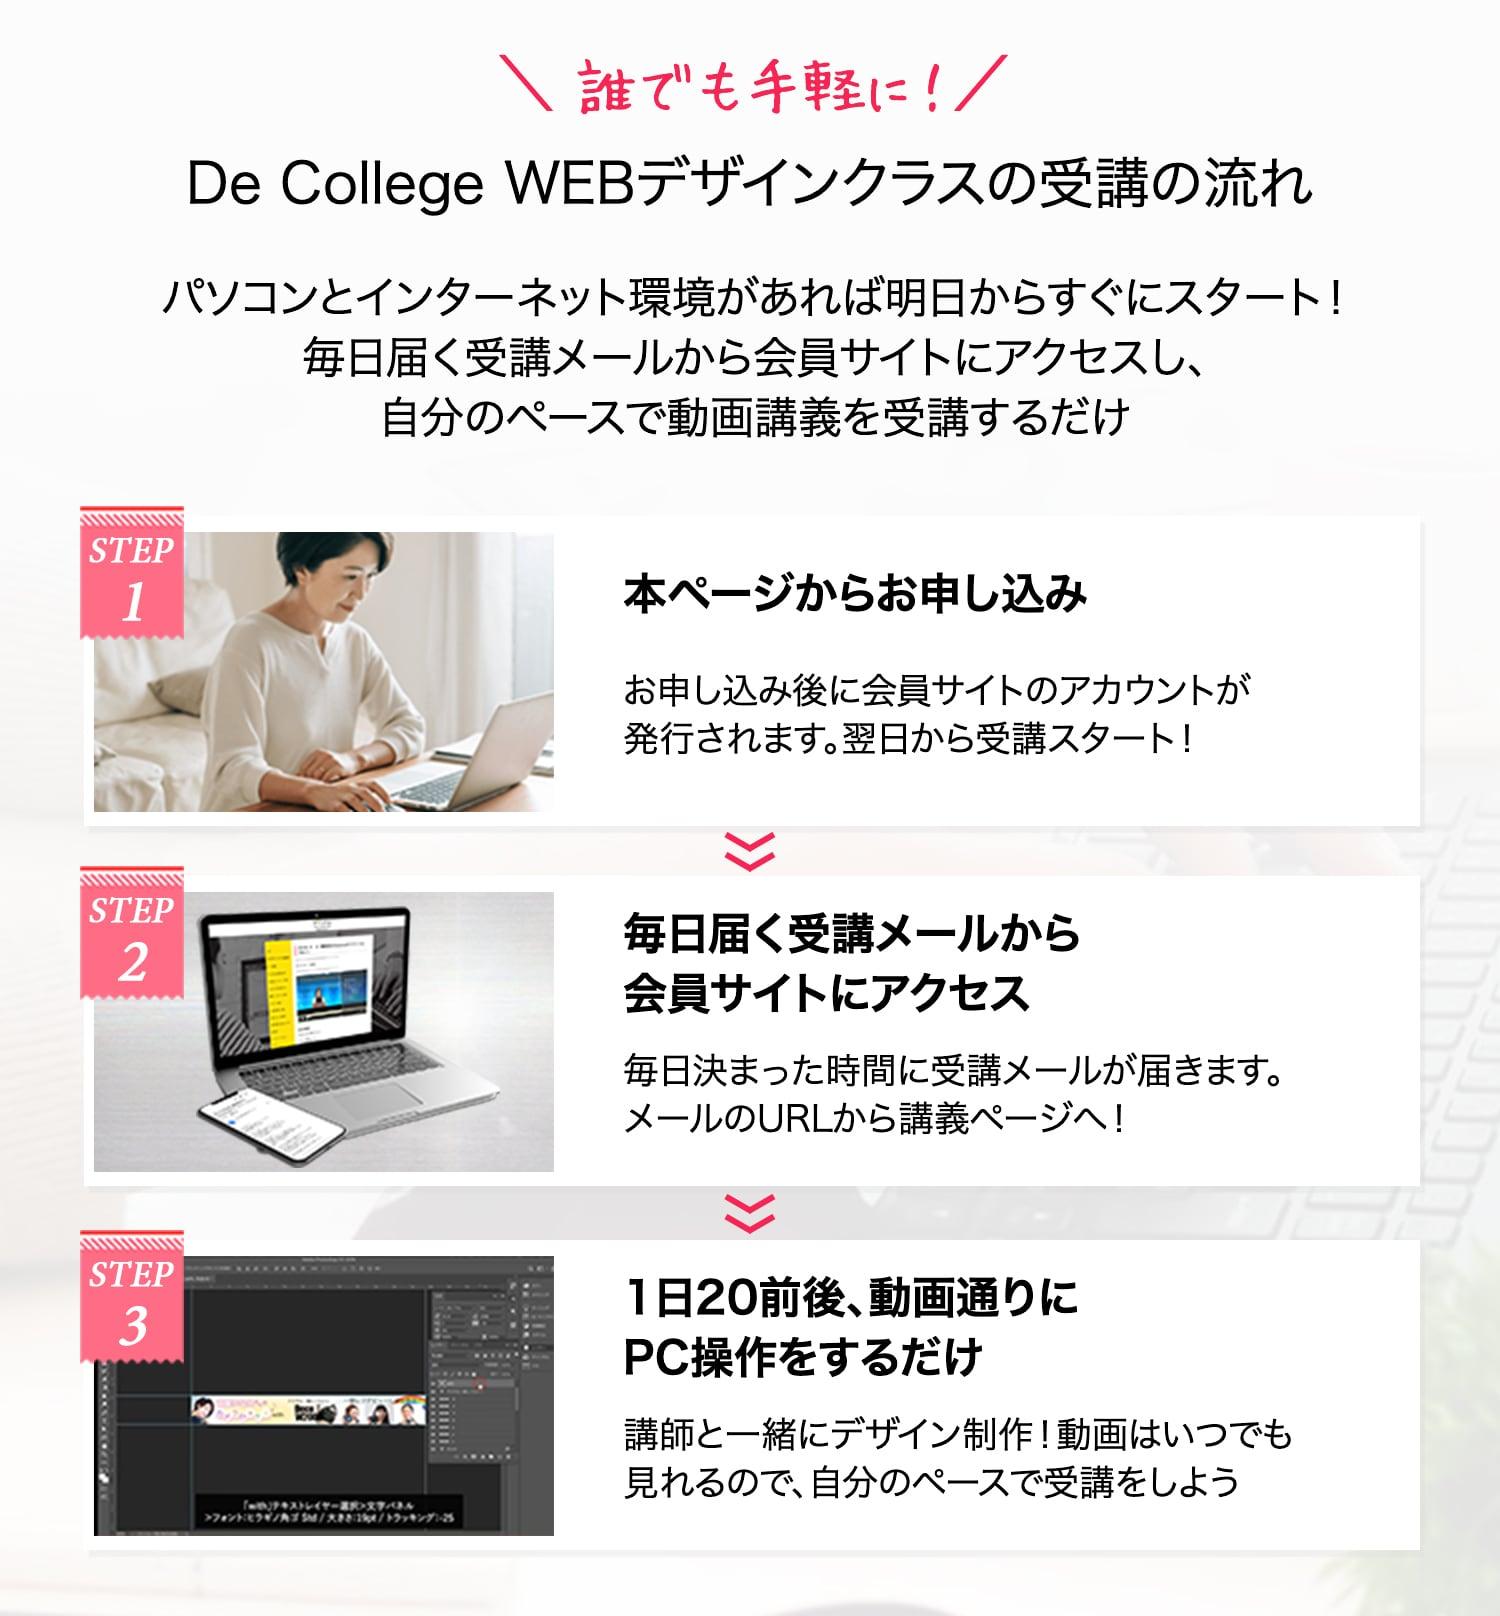 De College WEBデザインクラスの受講の流れ